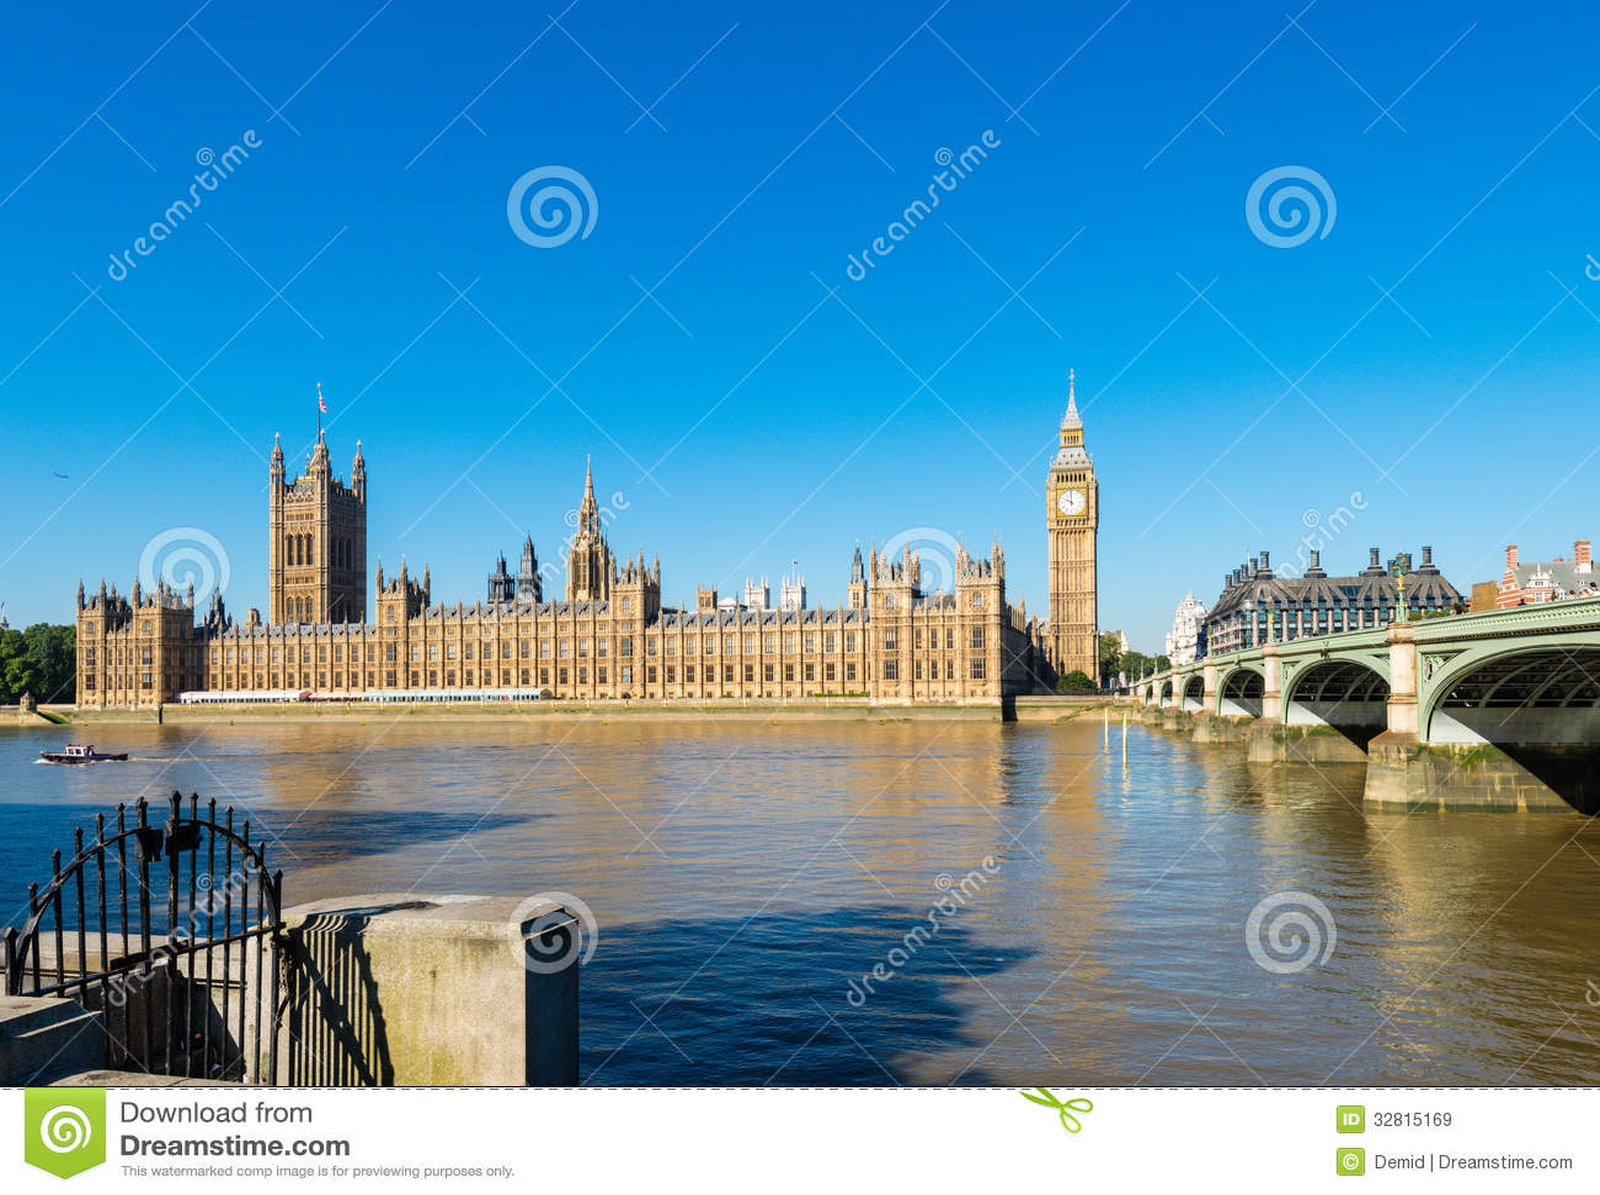 Palast von Westminster, London, Vereinigtes Königreich